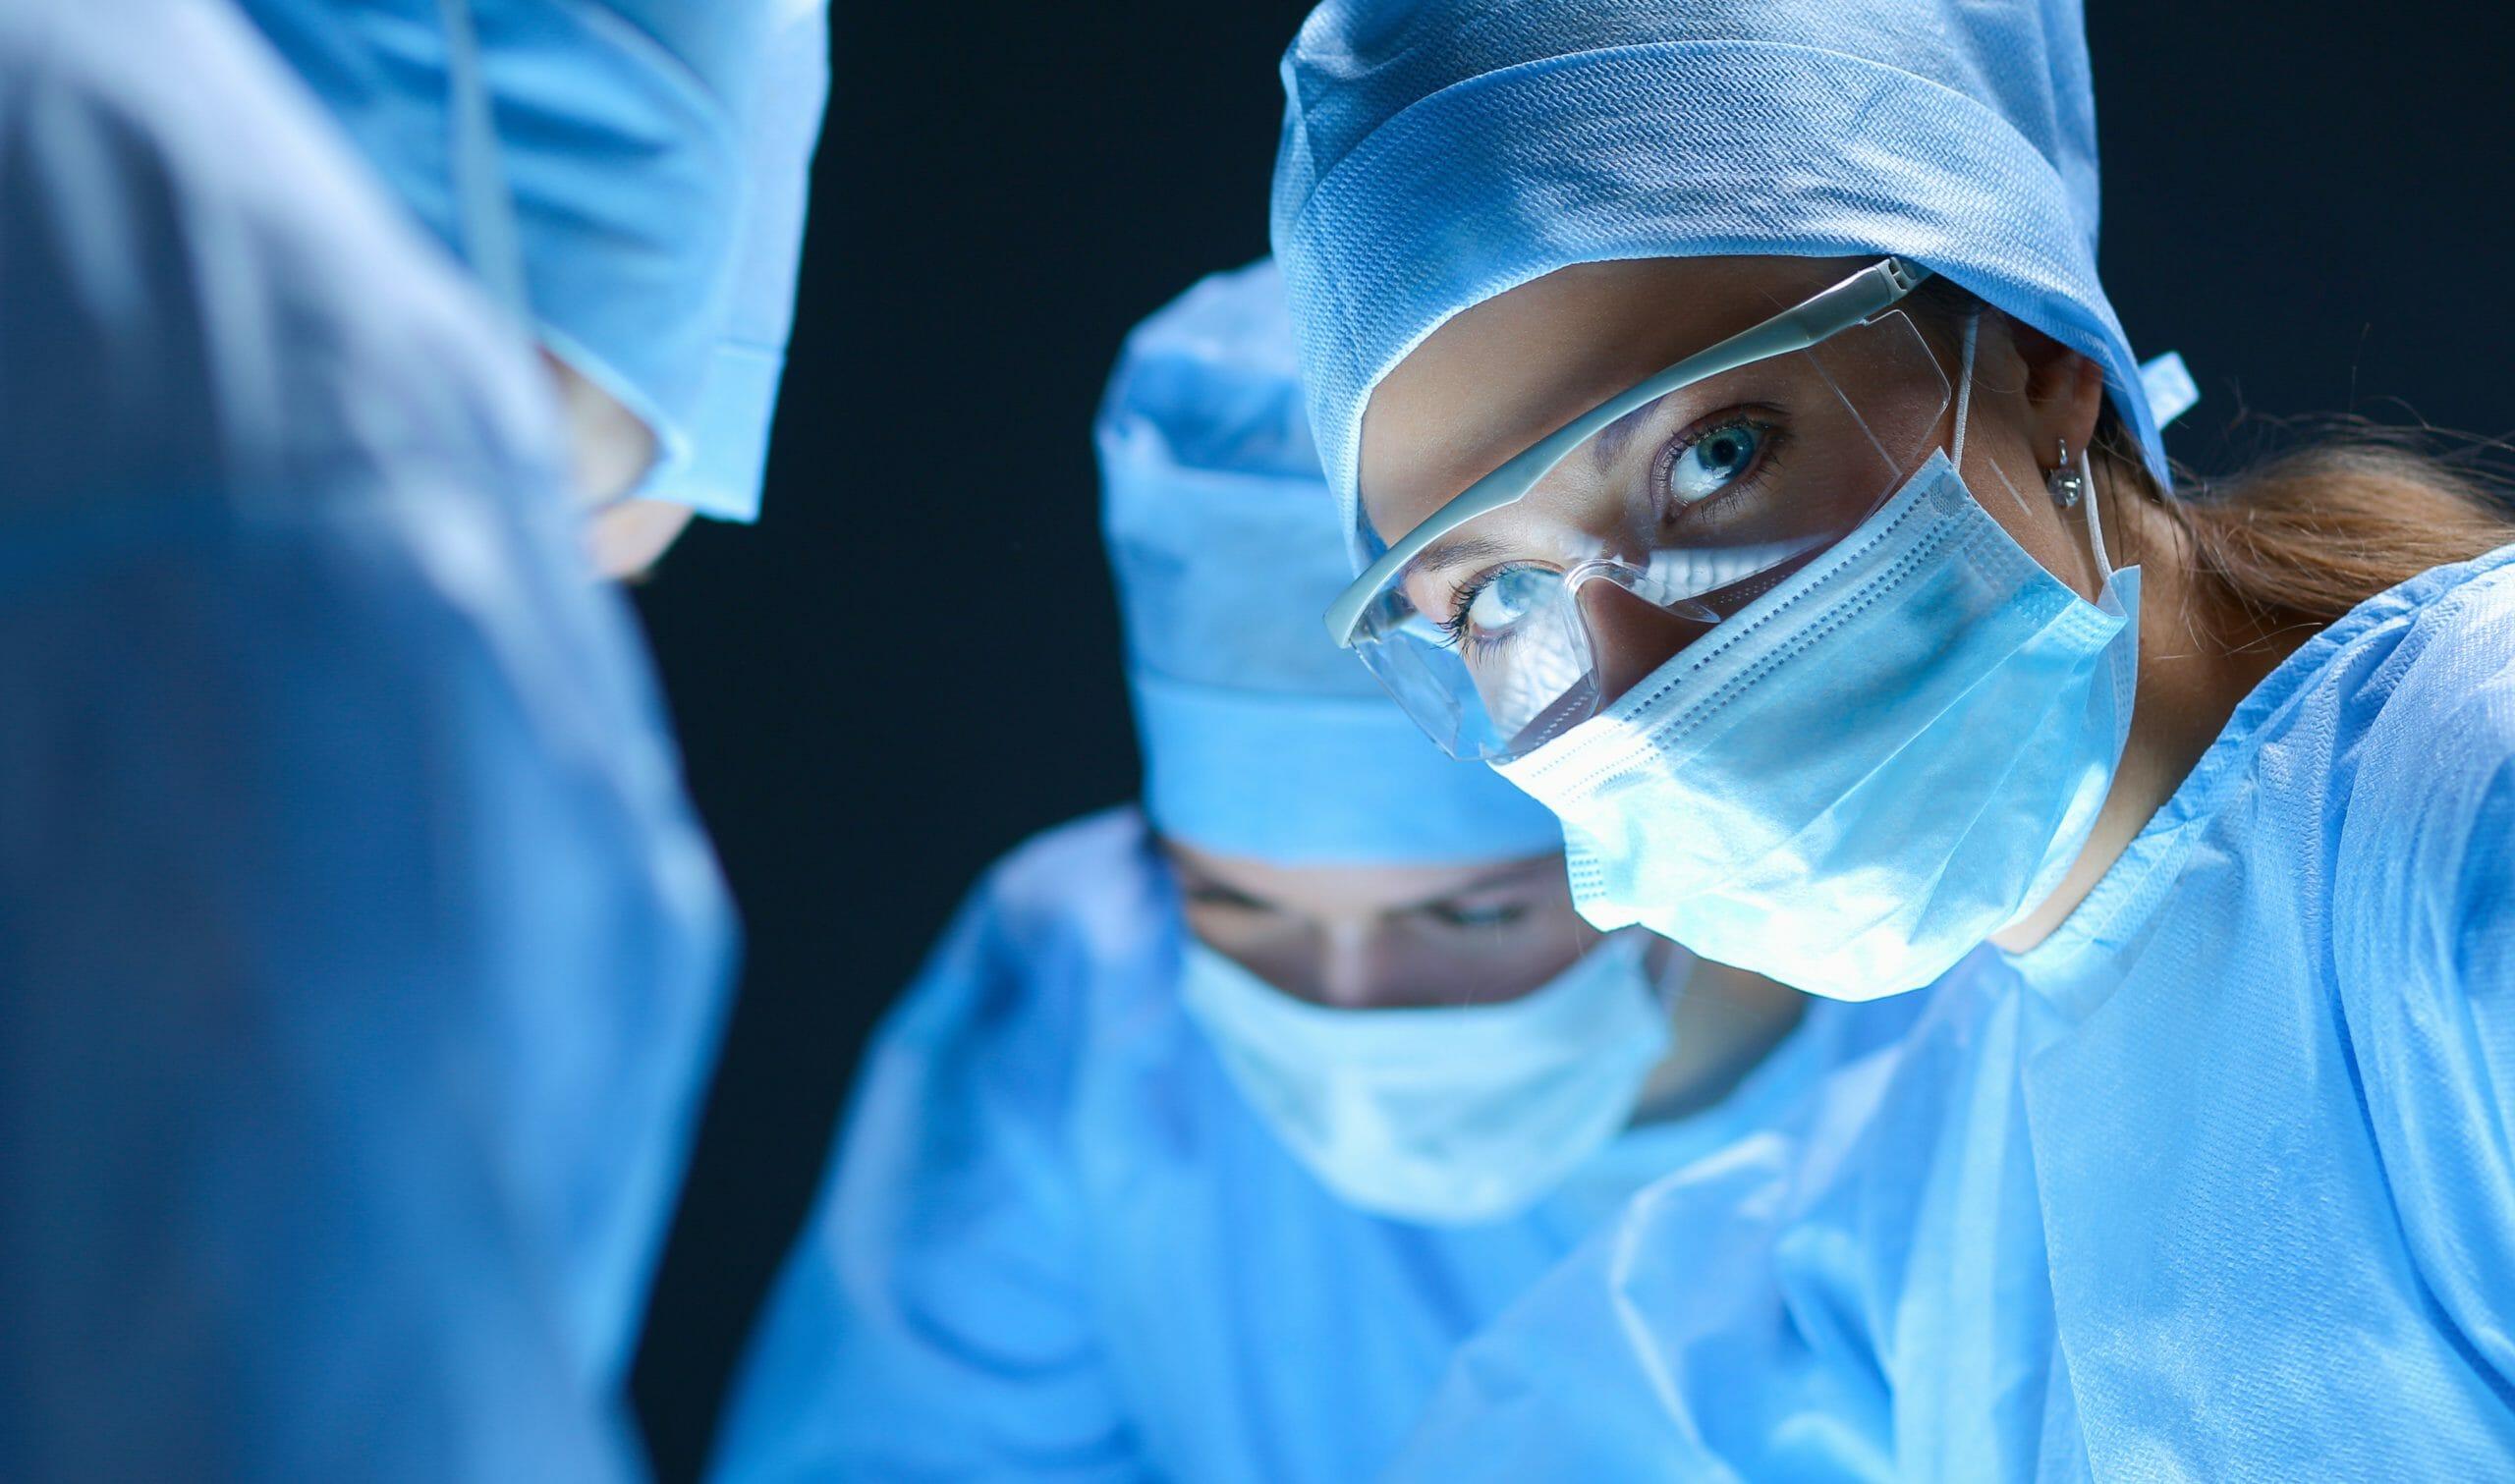 """רשלנות רפואית בניתוח I עו""""ד נעמי קויפמן ניב I רשלנות רפואית"""